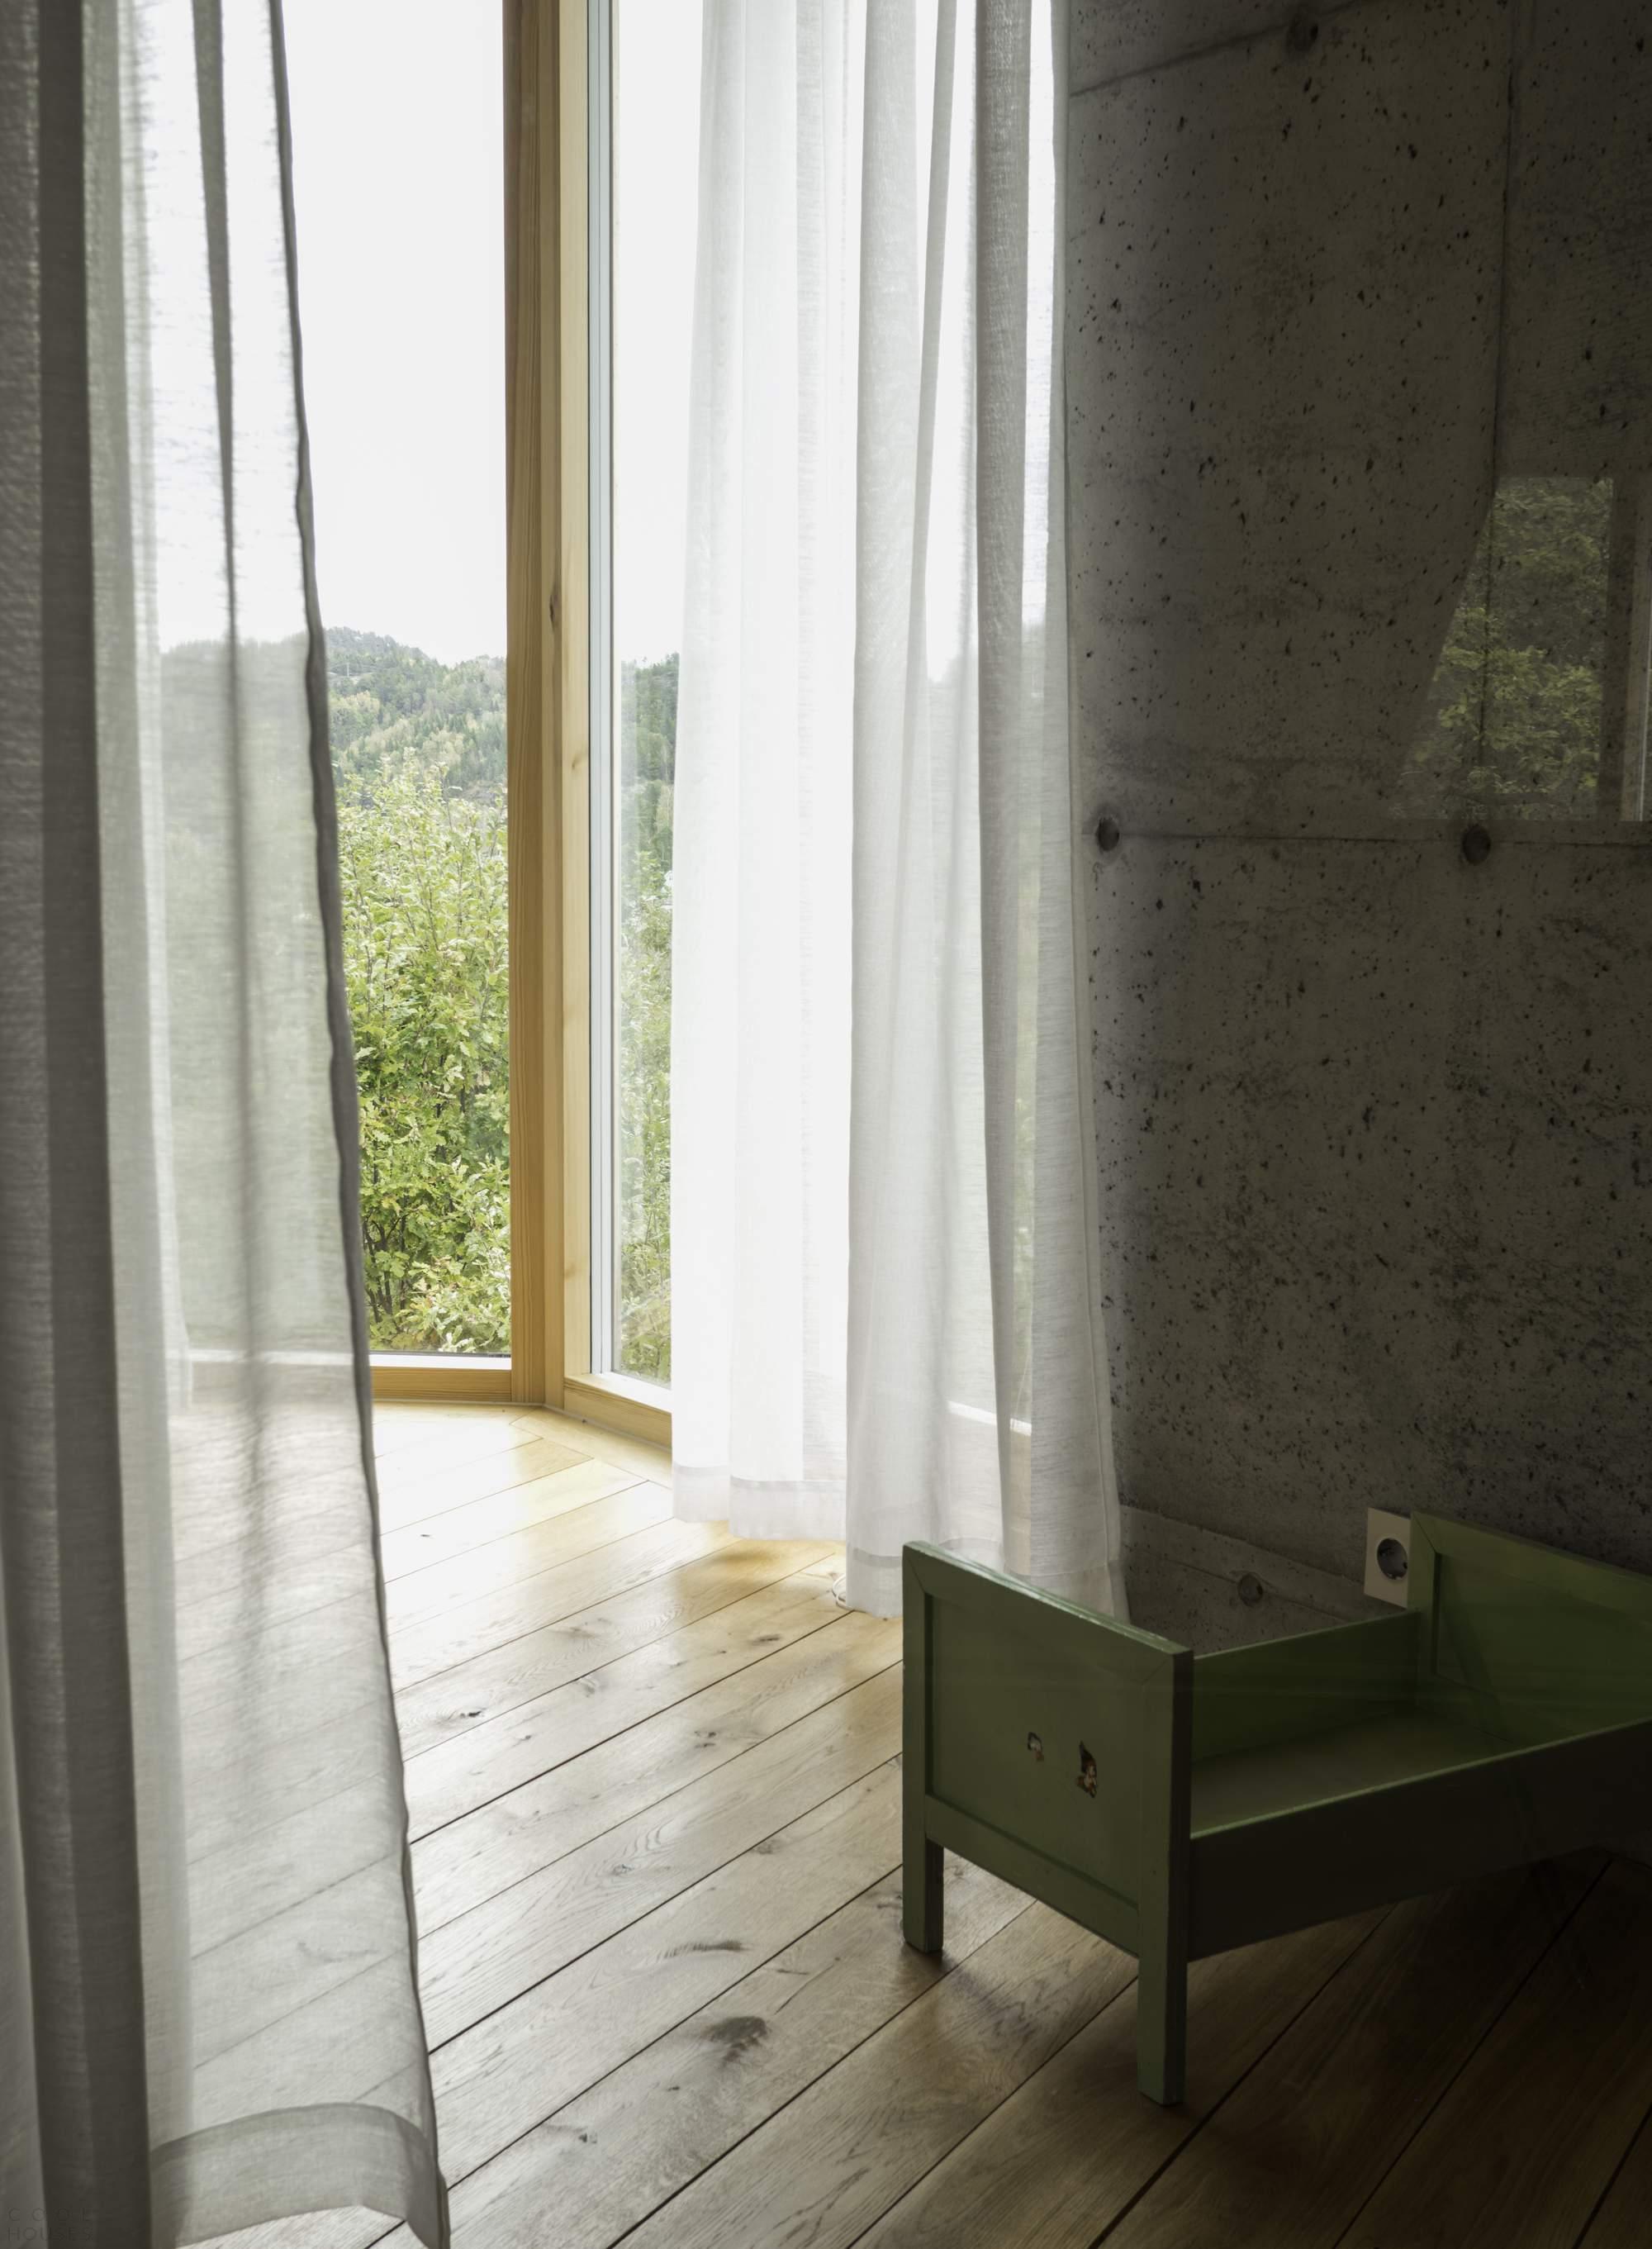 Шестиугольная вилла на берегу реки, Норвегия